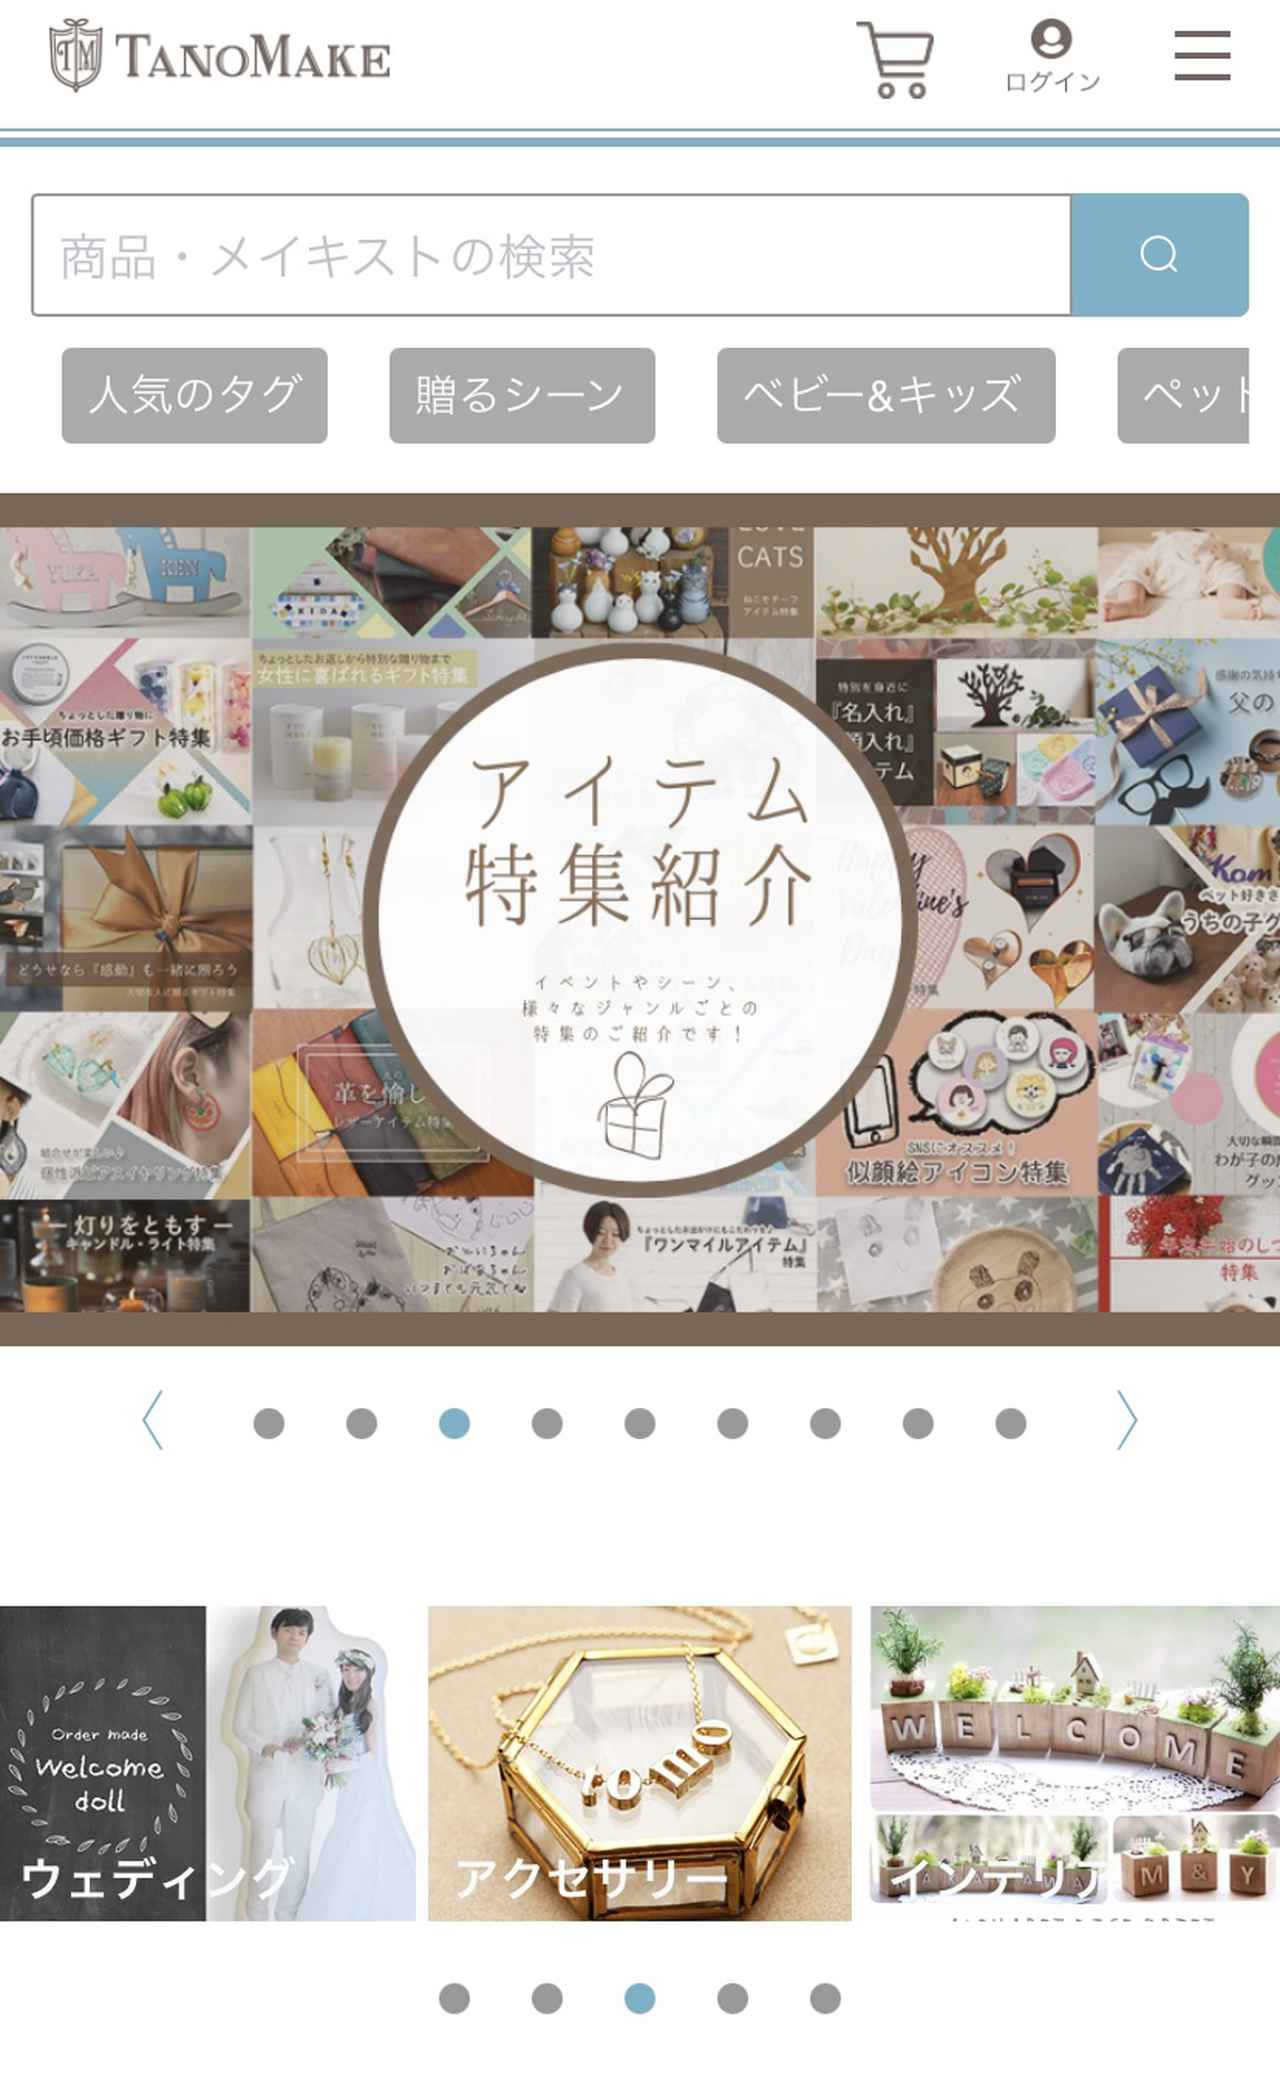 画像: tanomake.com